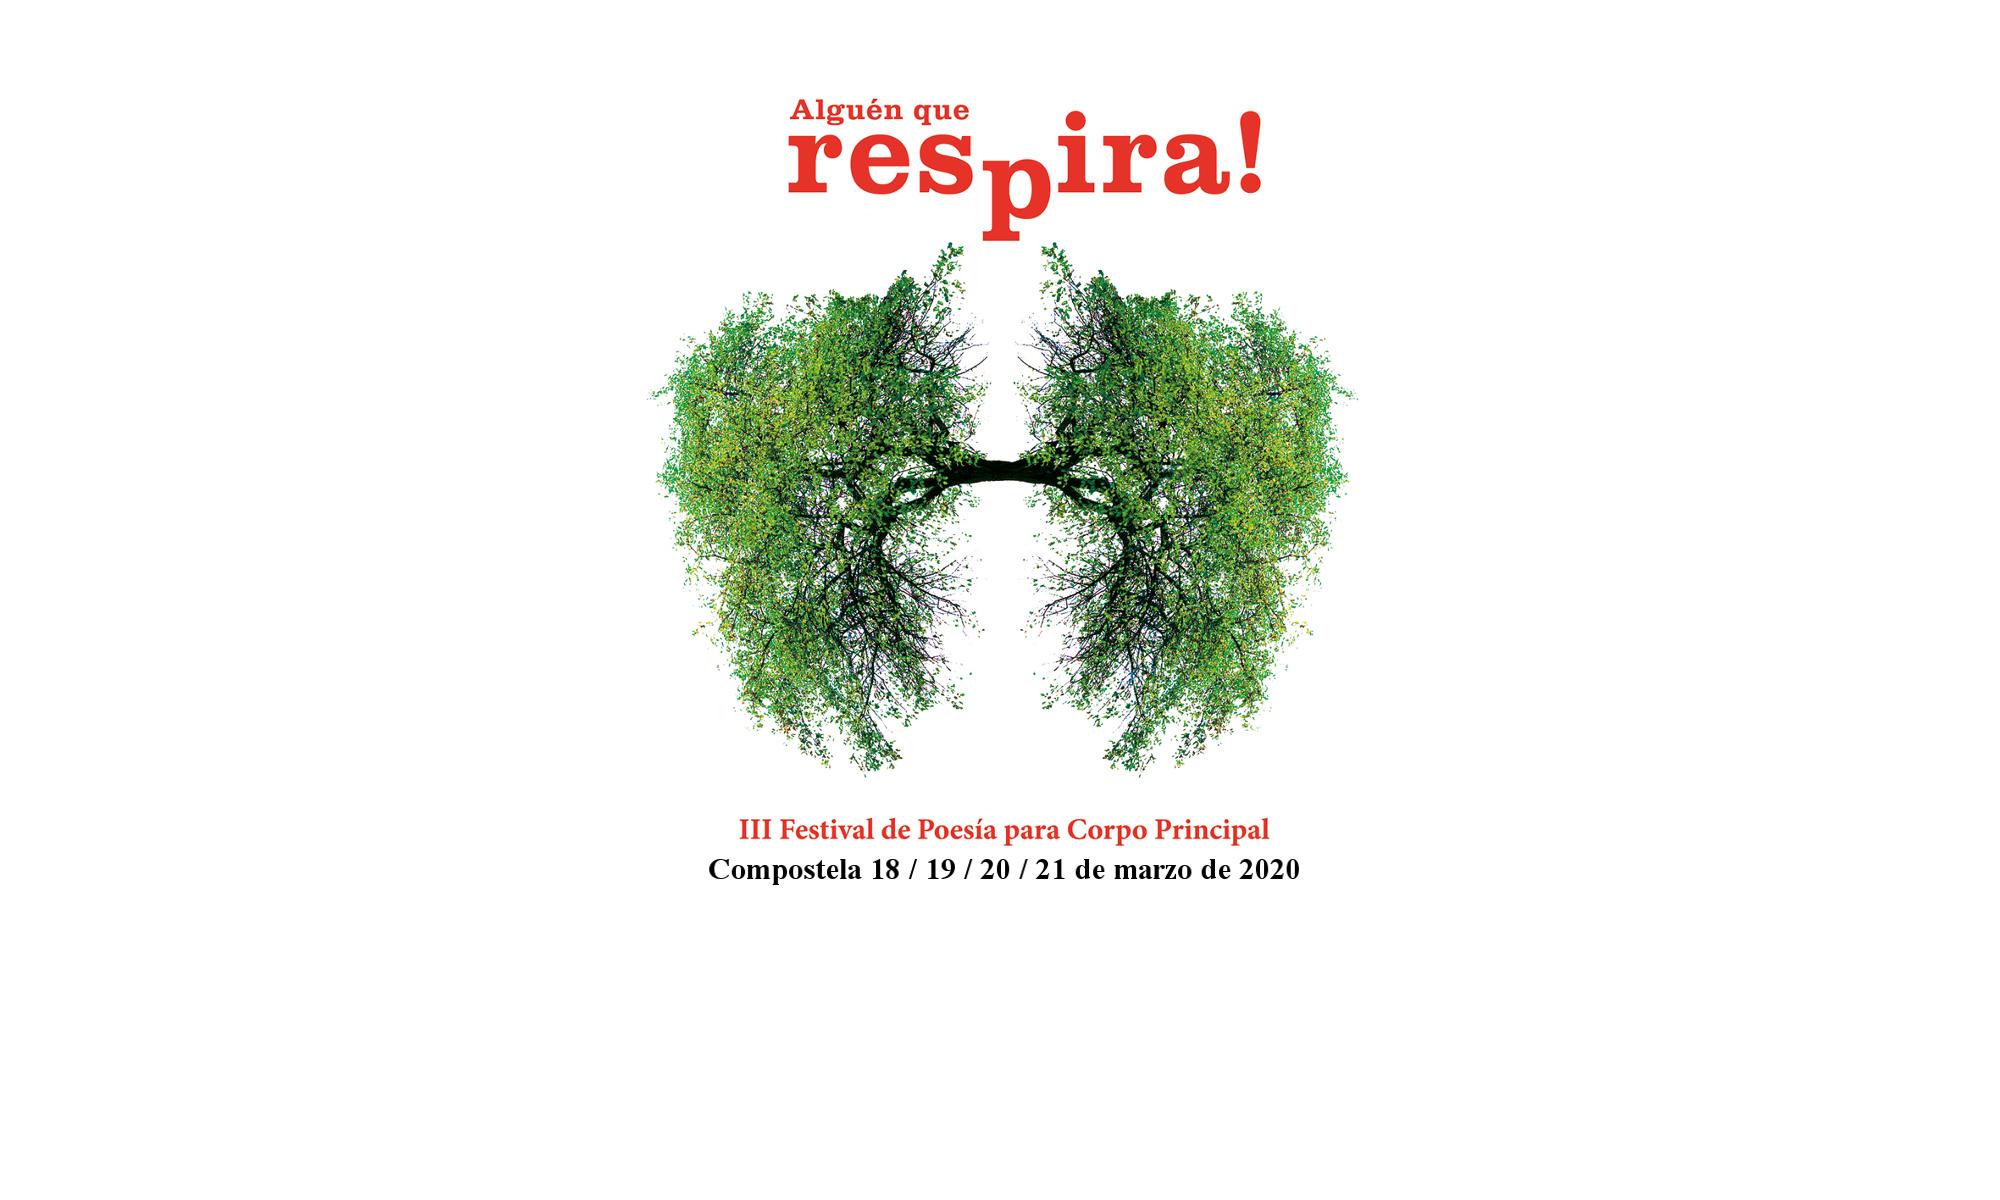 ALGUÉN QUE RESPIRA! II Festival de Poesía para Corpo Principal